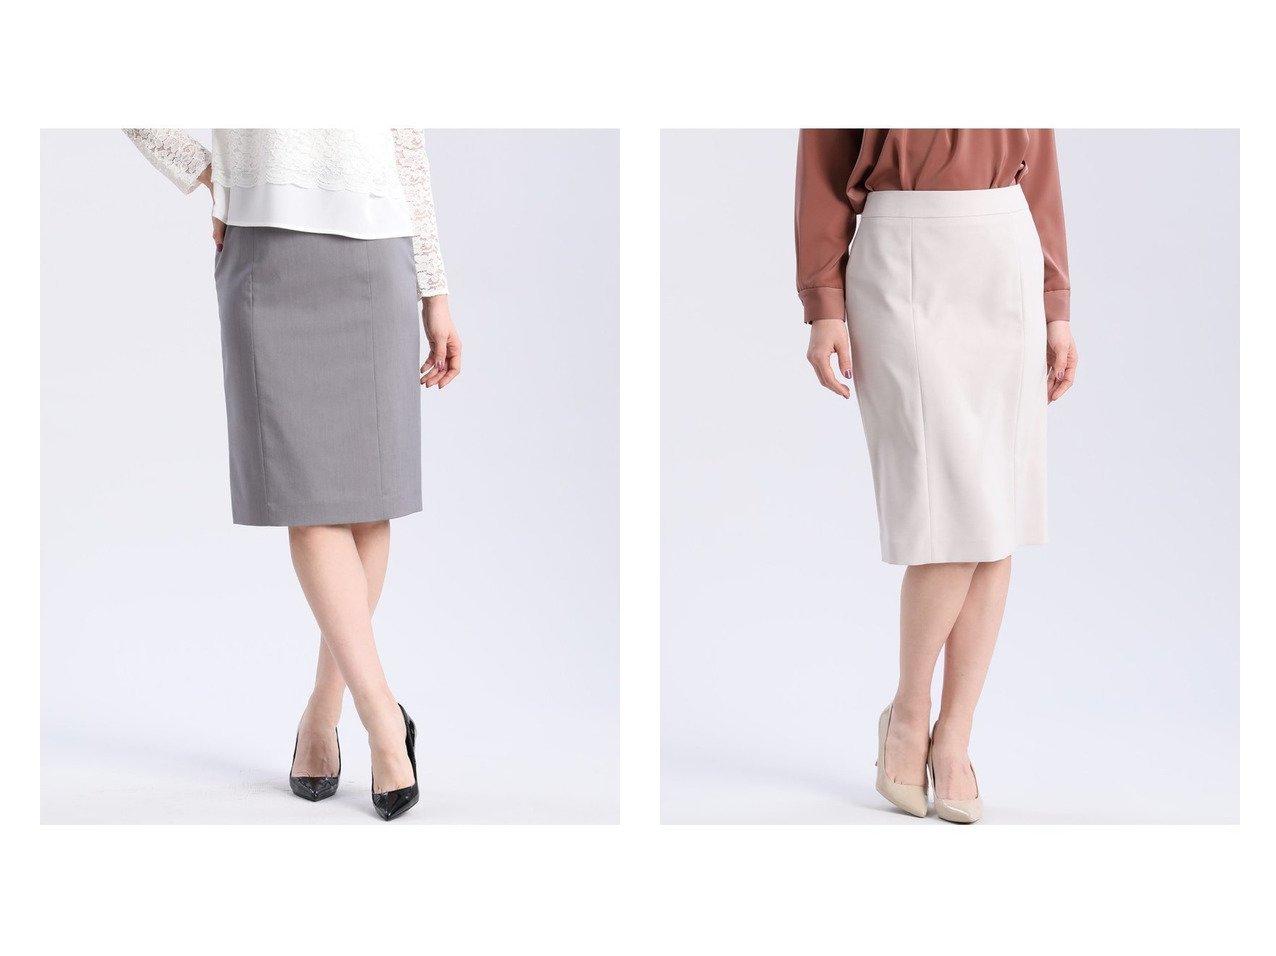 【CLEAR IMPRESSION/クリアインプレッション】の洗えるセットアップ リヨセルシャンブレータイトスカート&洗えるセットアップ ナノテックスタイトスカート クリア インプレッションのおすすめ!人気、トレンド・レディースファッションの通販  おすすめで人気の流行・トレンド、ファッションの通販商品 メンズファッション・キッズファッション・インテリア・家具・レディースファッション・服の通販 founy(ファニー) https://founy.com/ ファッション Fashion レディースファッション WOMEN セットアップ Setup スカート Skirt NEW・新作・新着・新入荷 New Arrivals ジャケット セットアップ タイトスカート 定番 Standard 洗える |ID:crp329100000021061